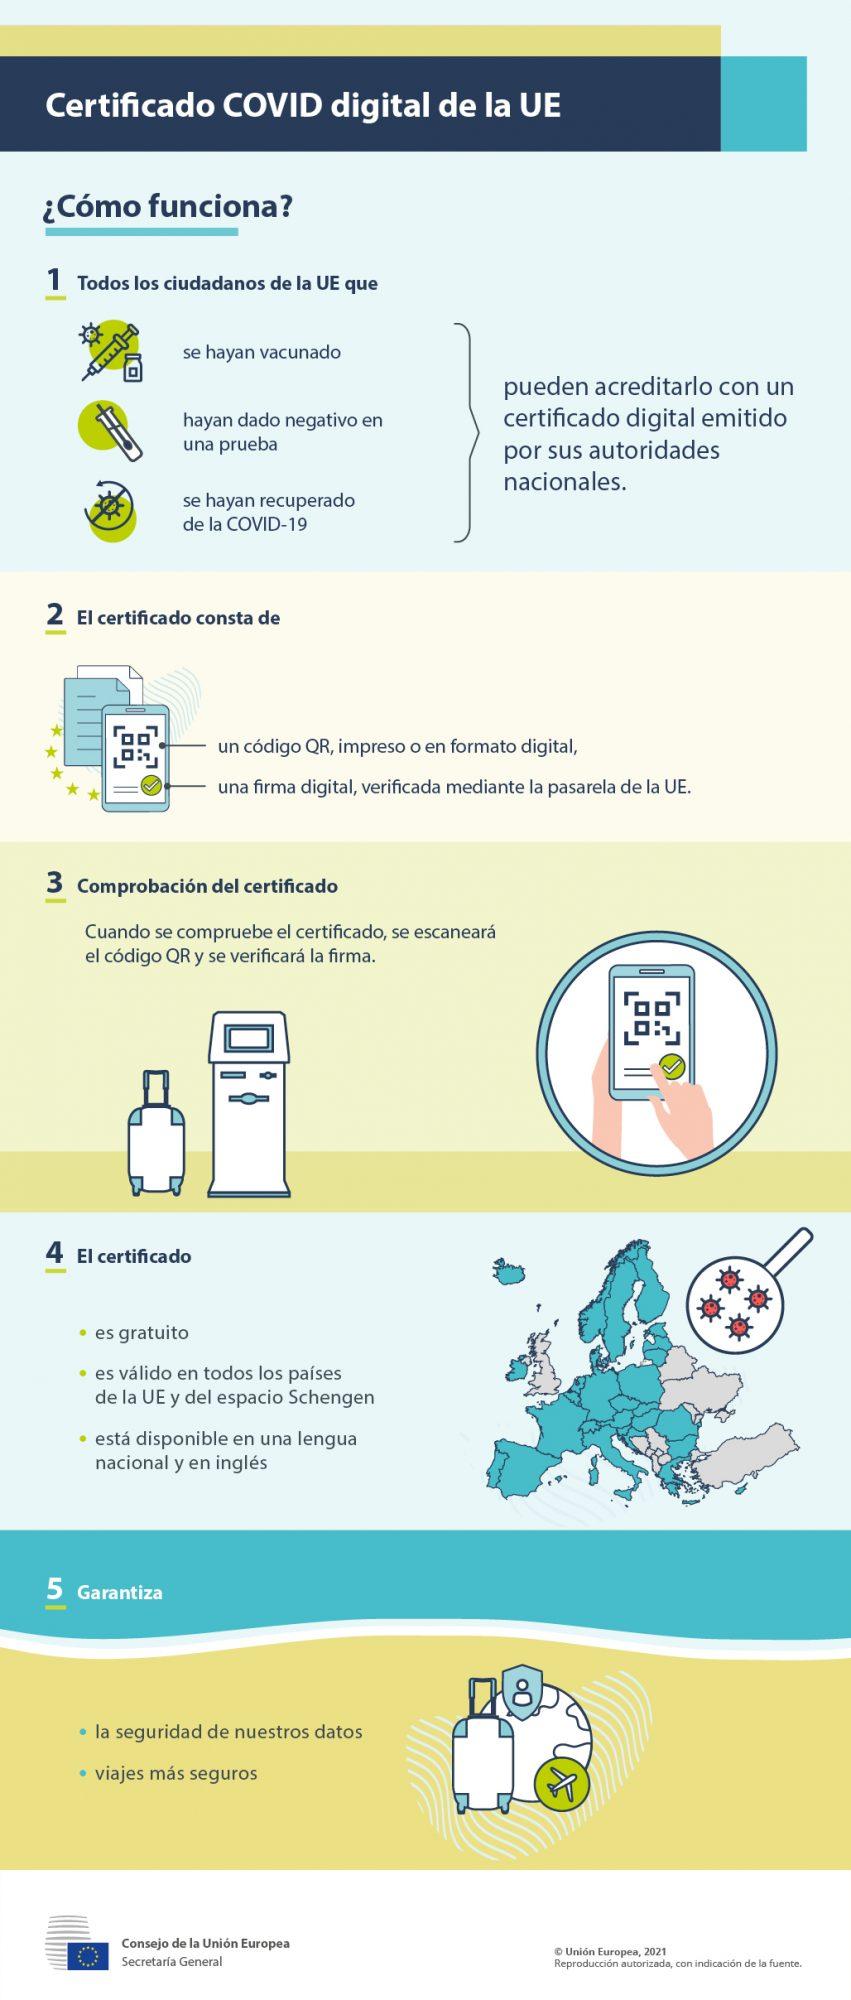 Infografia certificado covid-19 Unión Europea